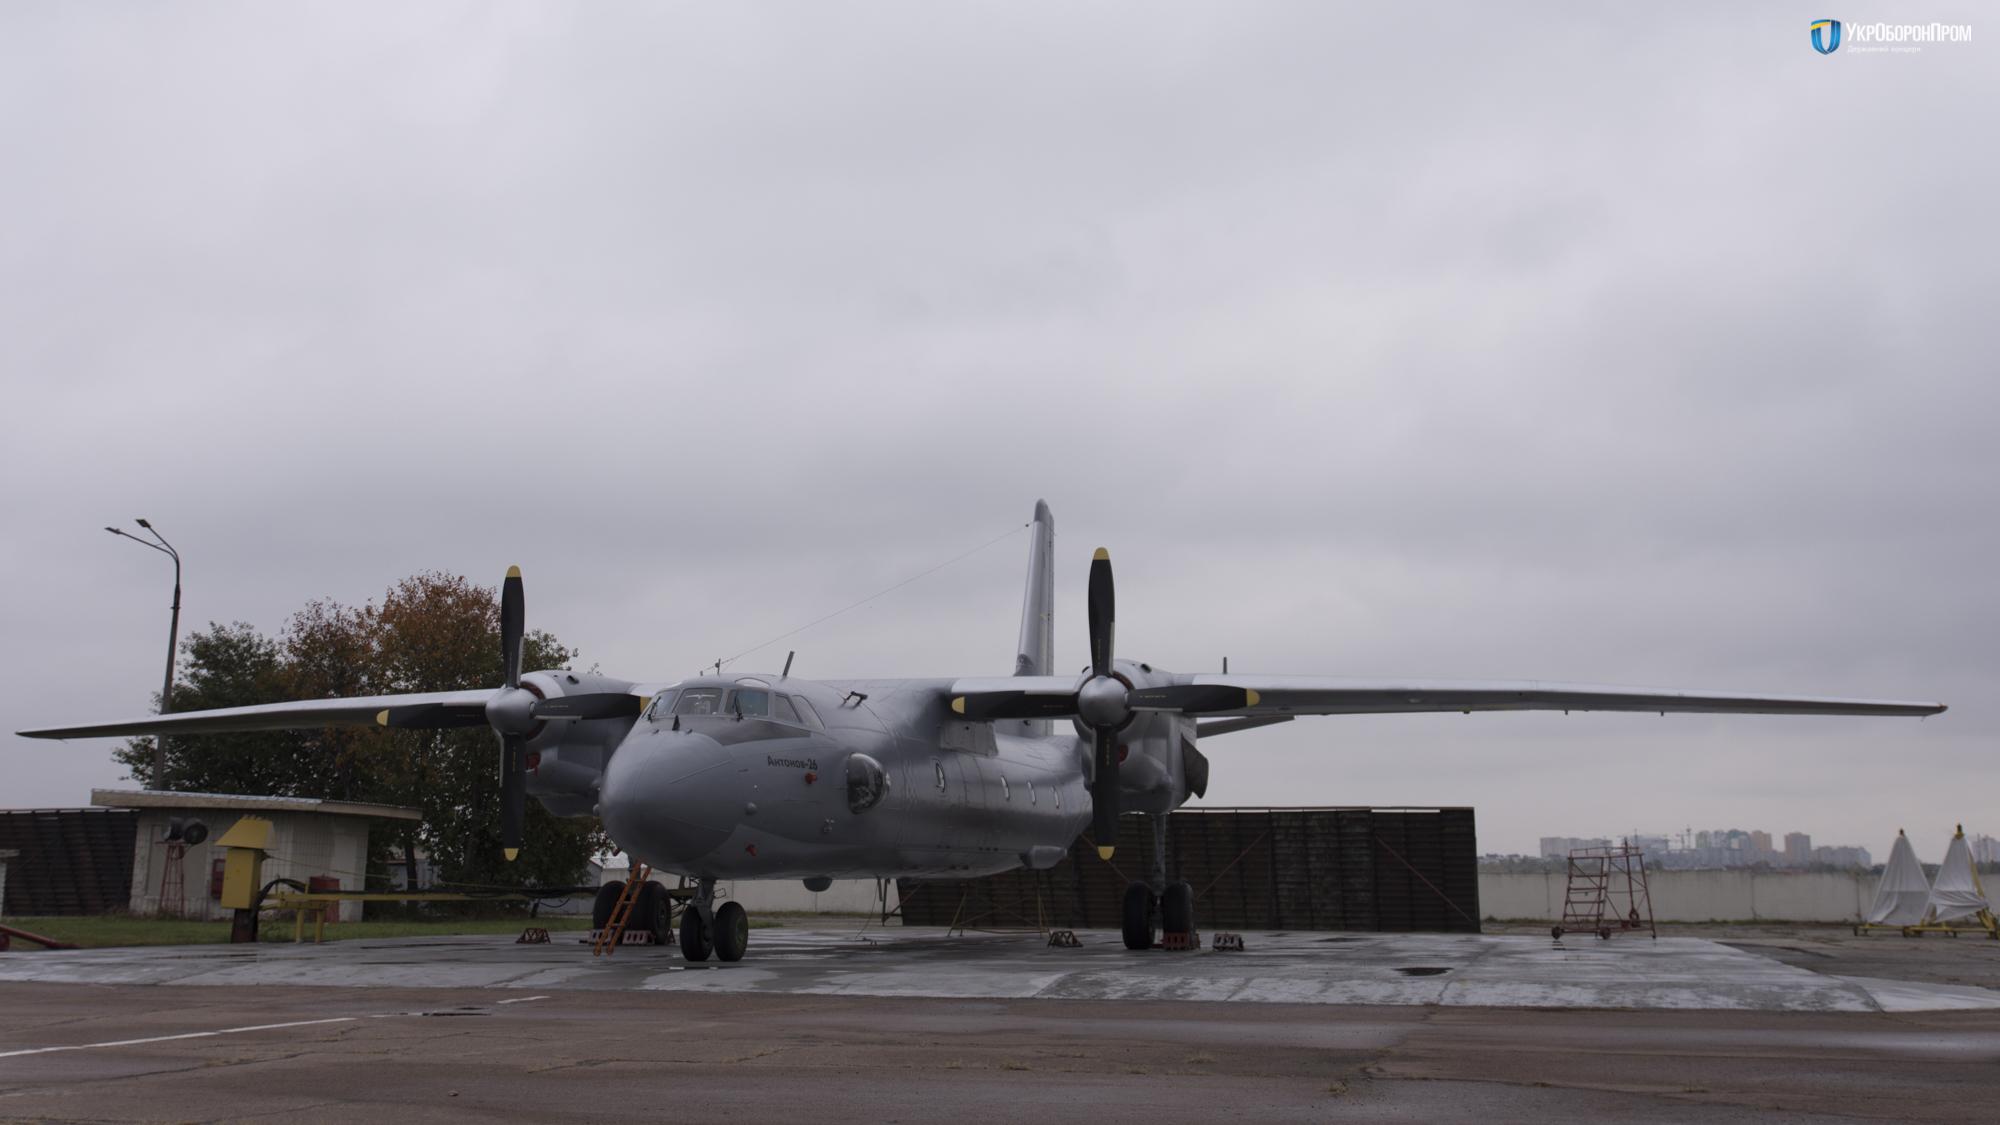 Черговий Ан-26 після капітального ремонту готовий до передачі Повітряним Силам України